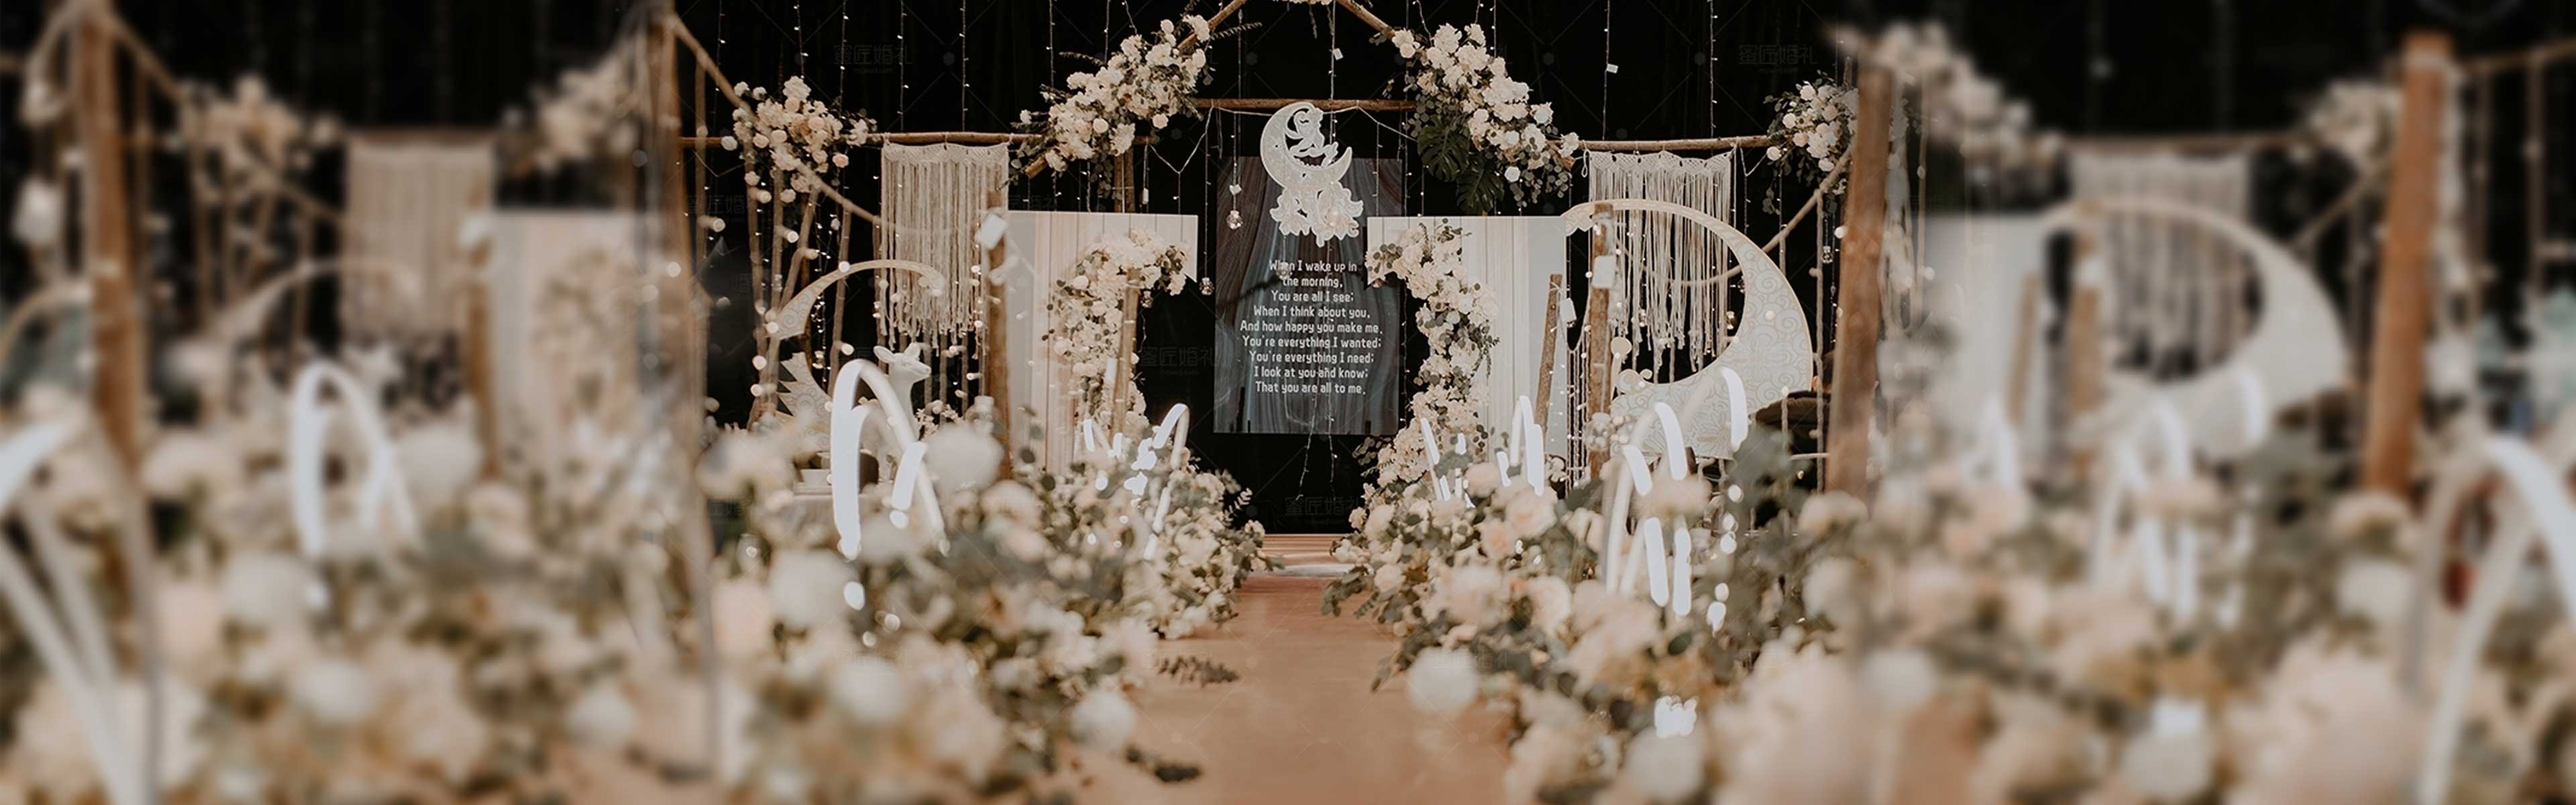 榆树市婚庆策划案例:最美婚礼 第12月 | 湖北 武汉